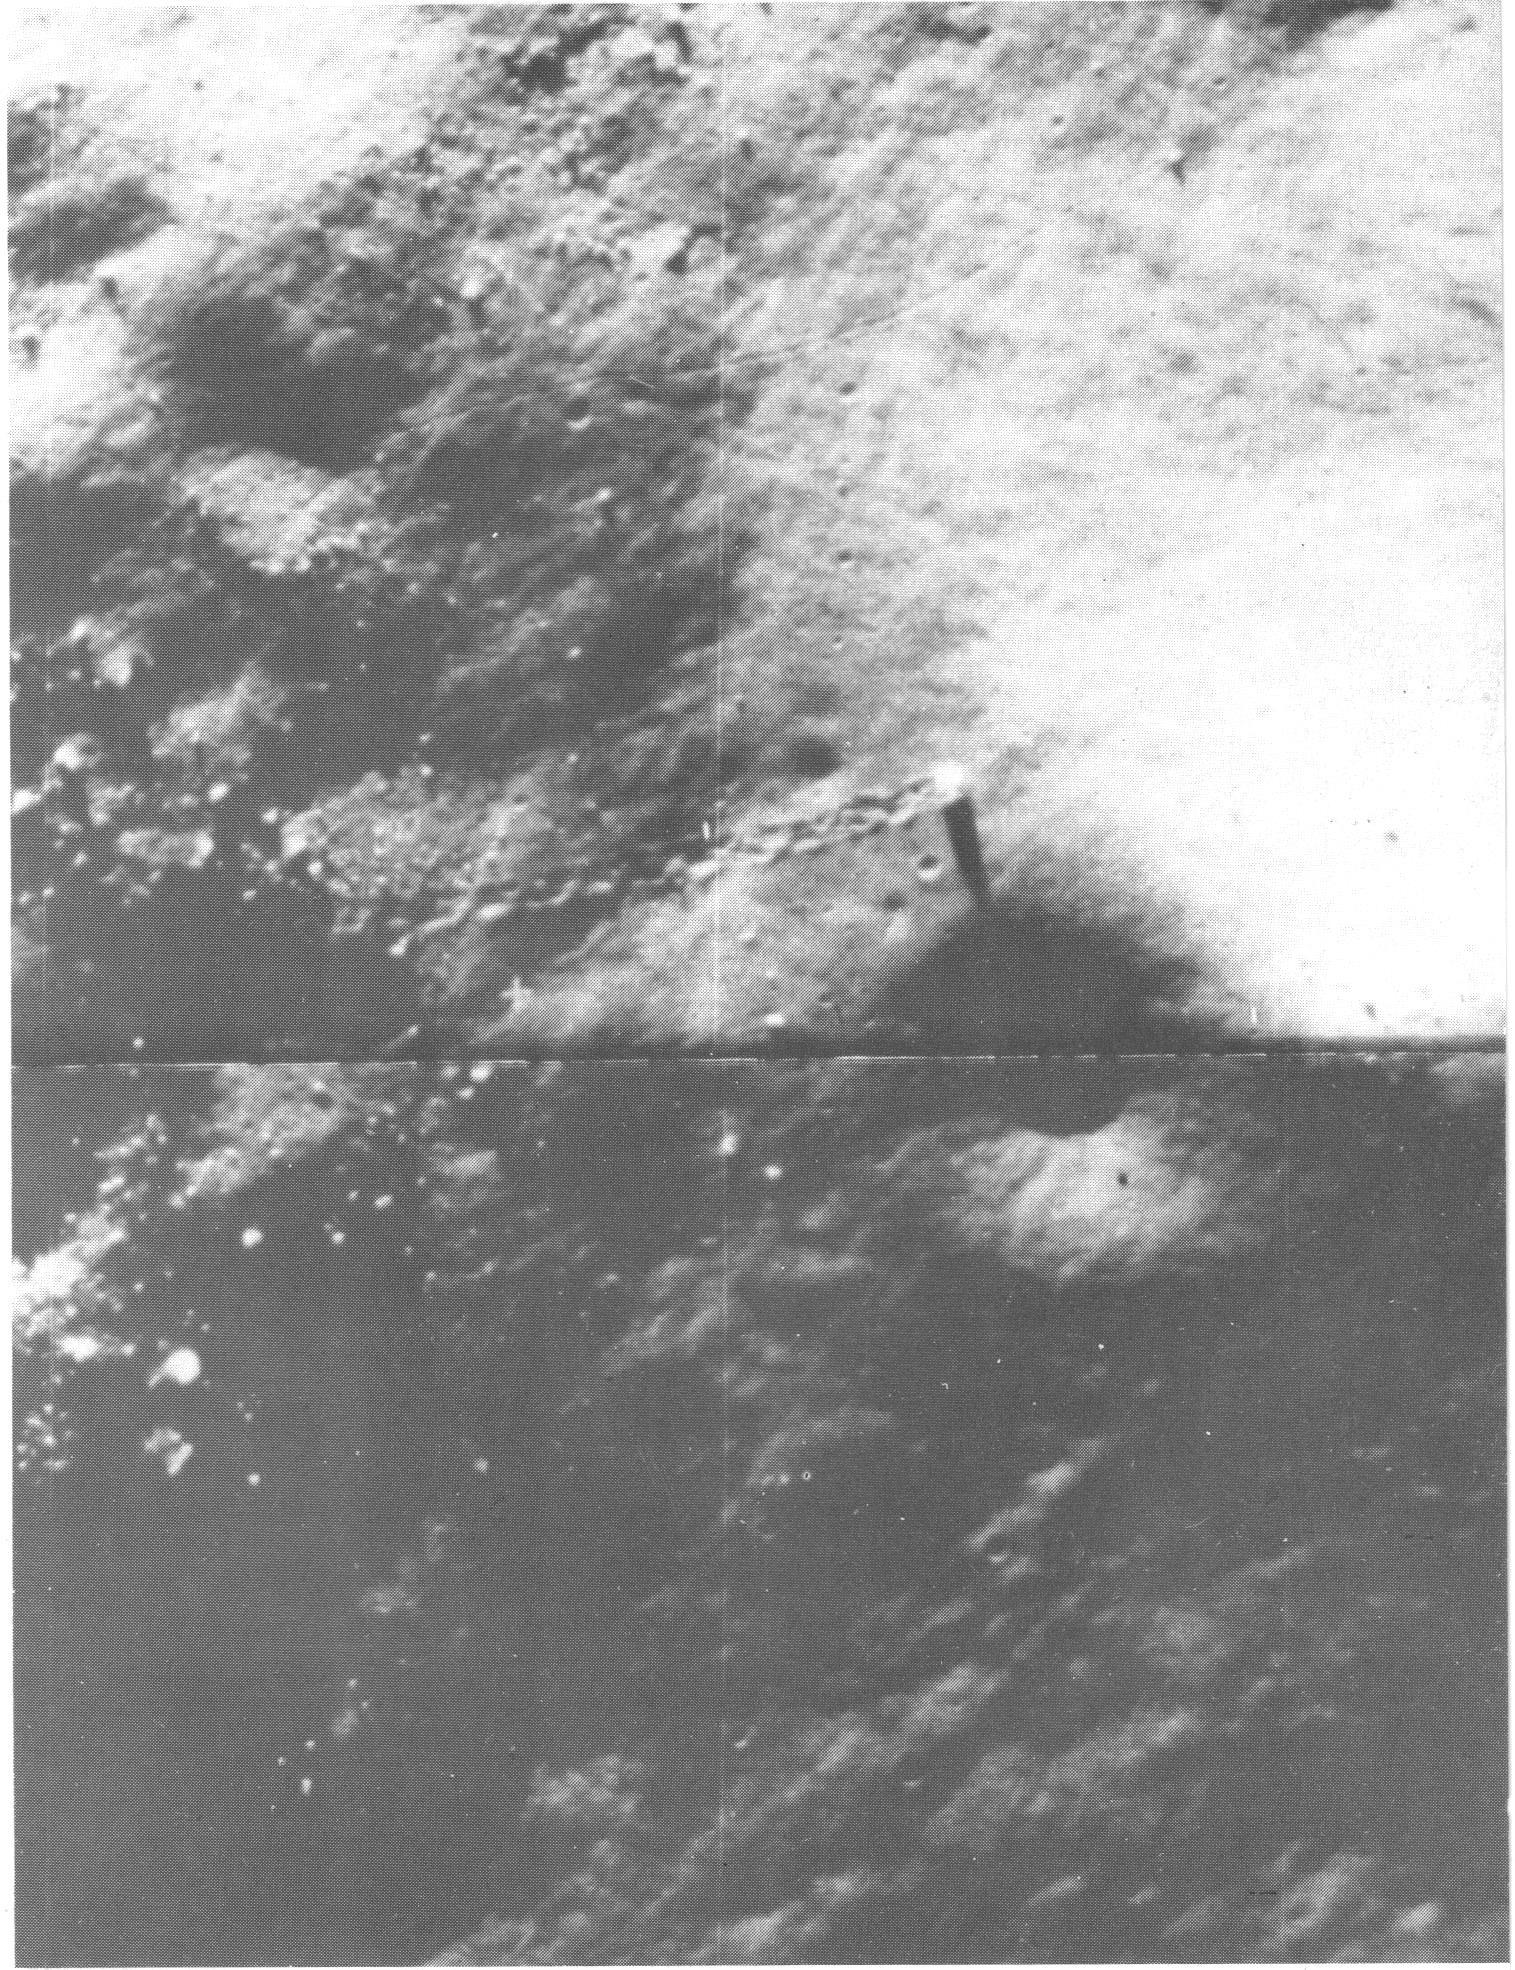 Image (39)